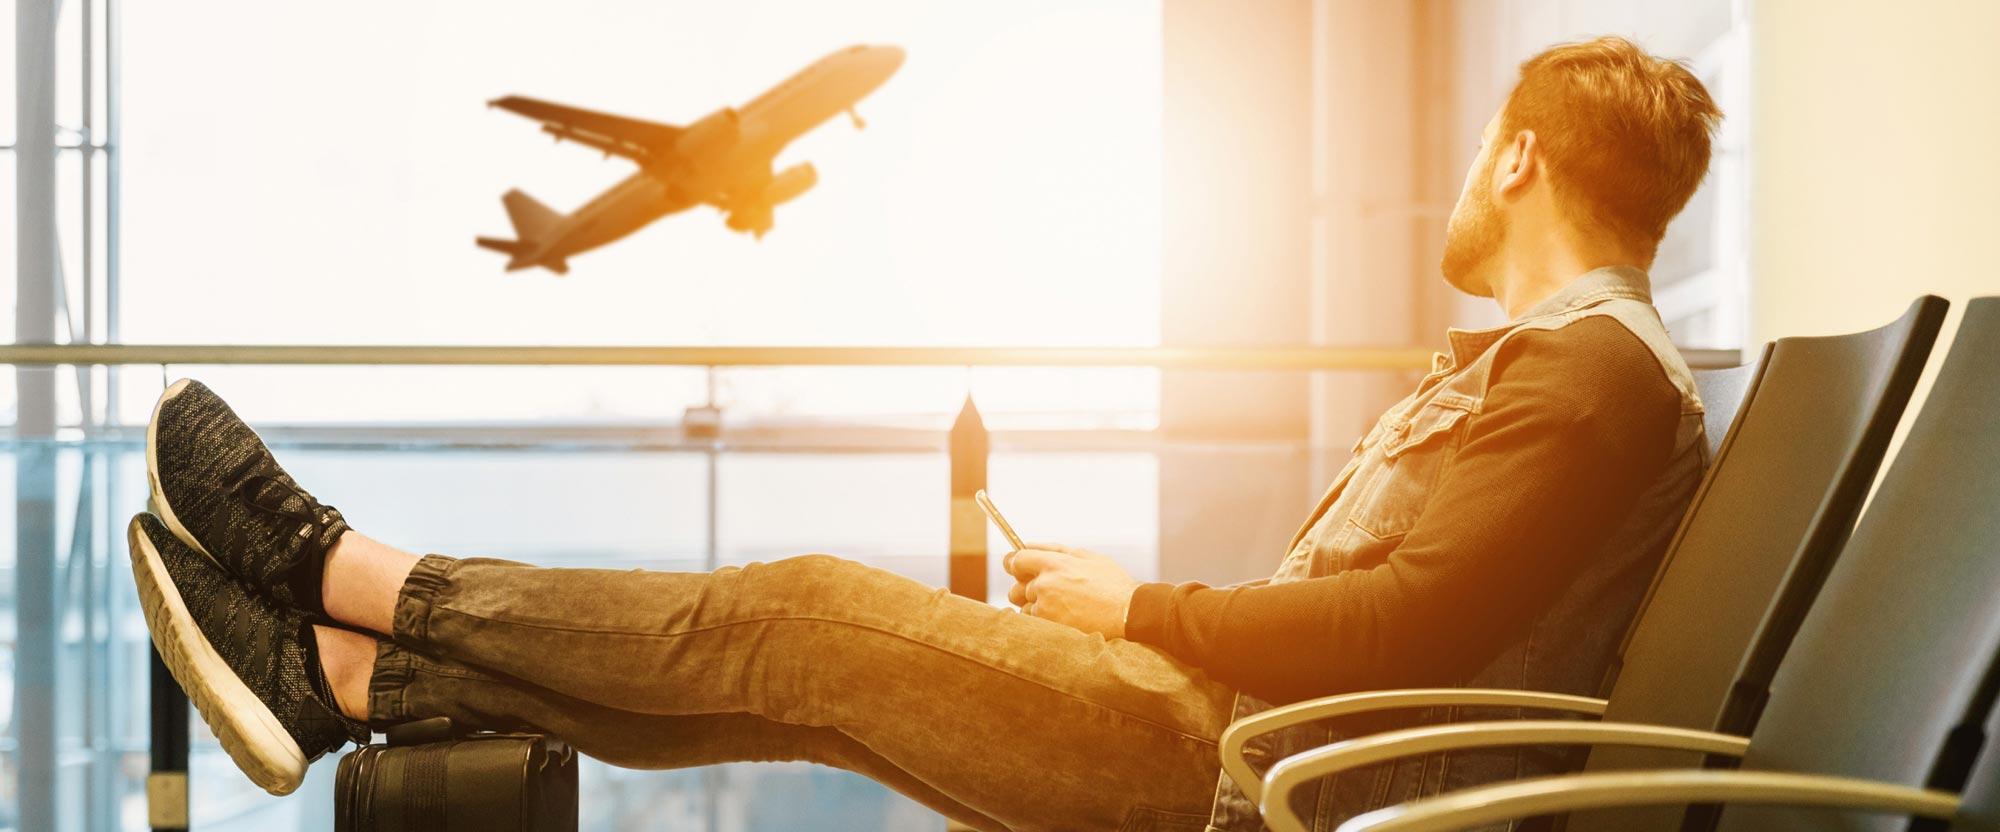 Mobiltelefon på flygplats